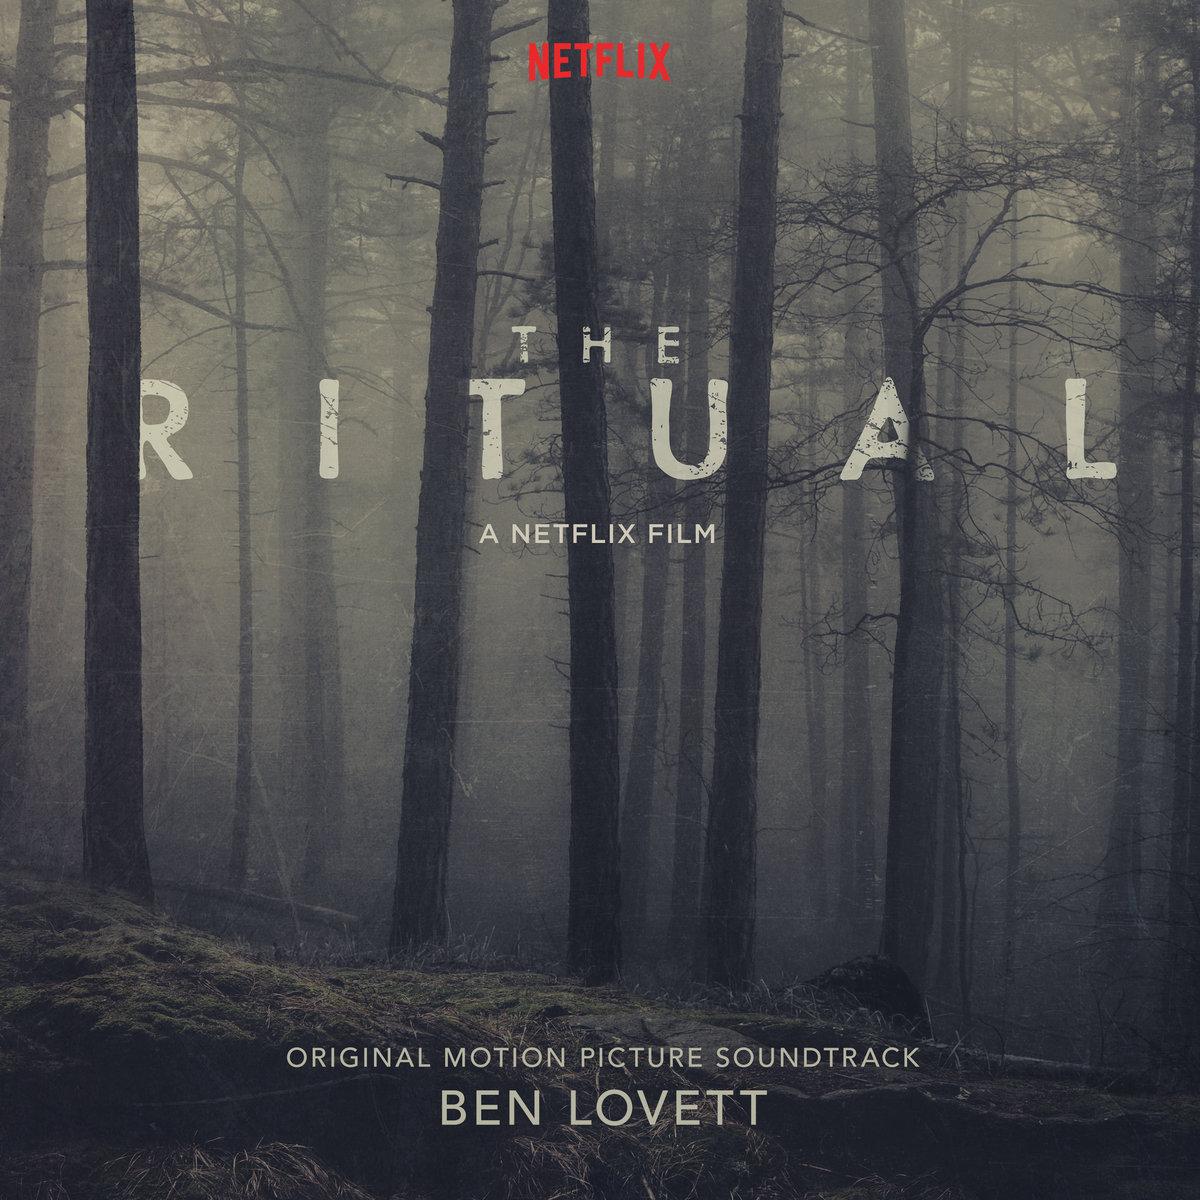 The Ritual | Ben Lovett